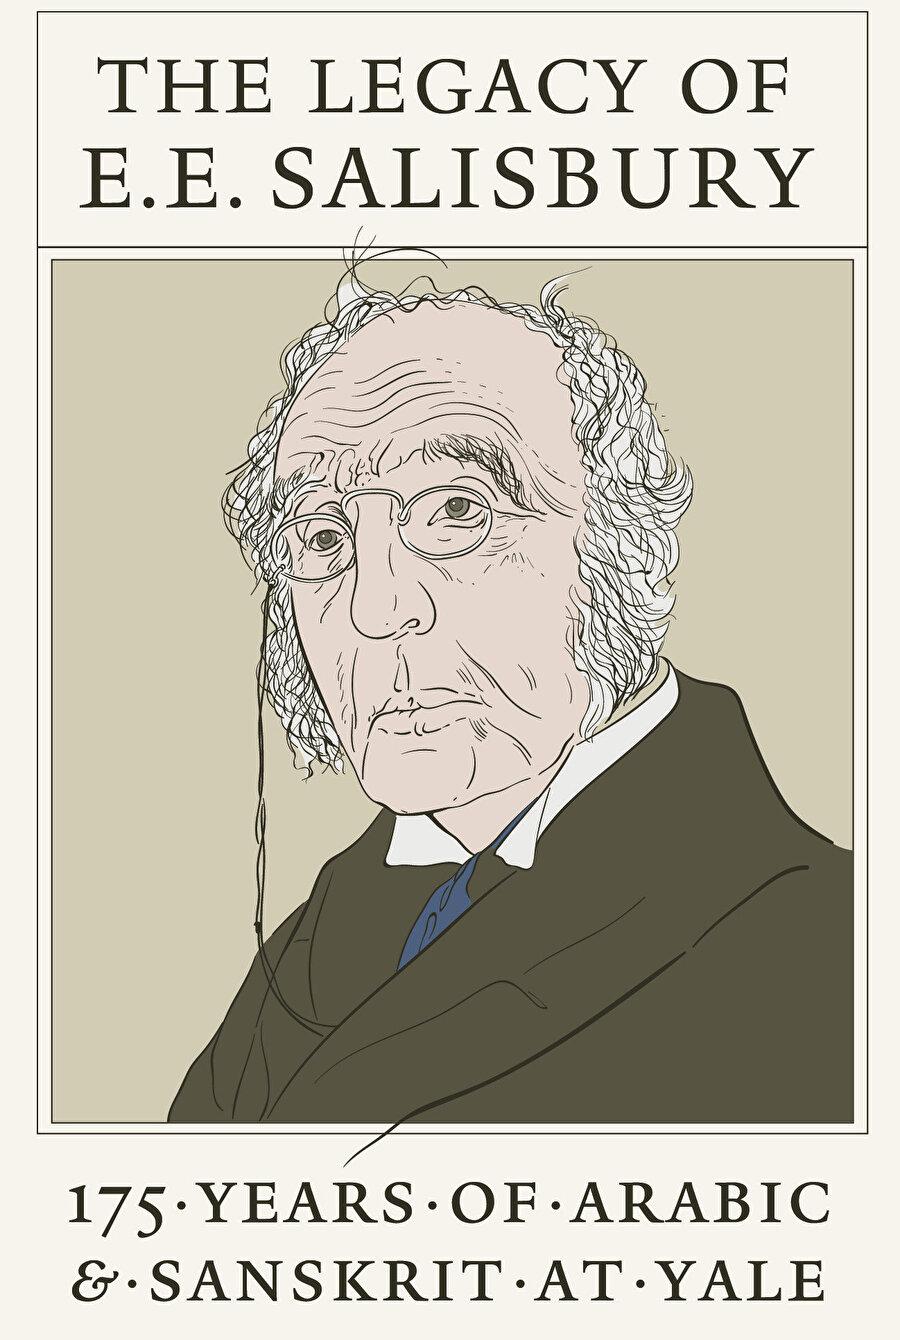 1841 yılında Yale Üniversitesi'nde ders vermeğe başlayan Salisbury, özellikle Avrupa seyahatleri sırasında müzayedelerden ve sahaflardan İslami yazma eserler toplayarak zengin bir yazma eser koleksiyonu oluşturmuş.